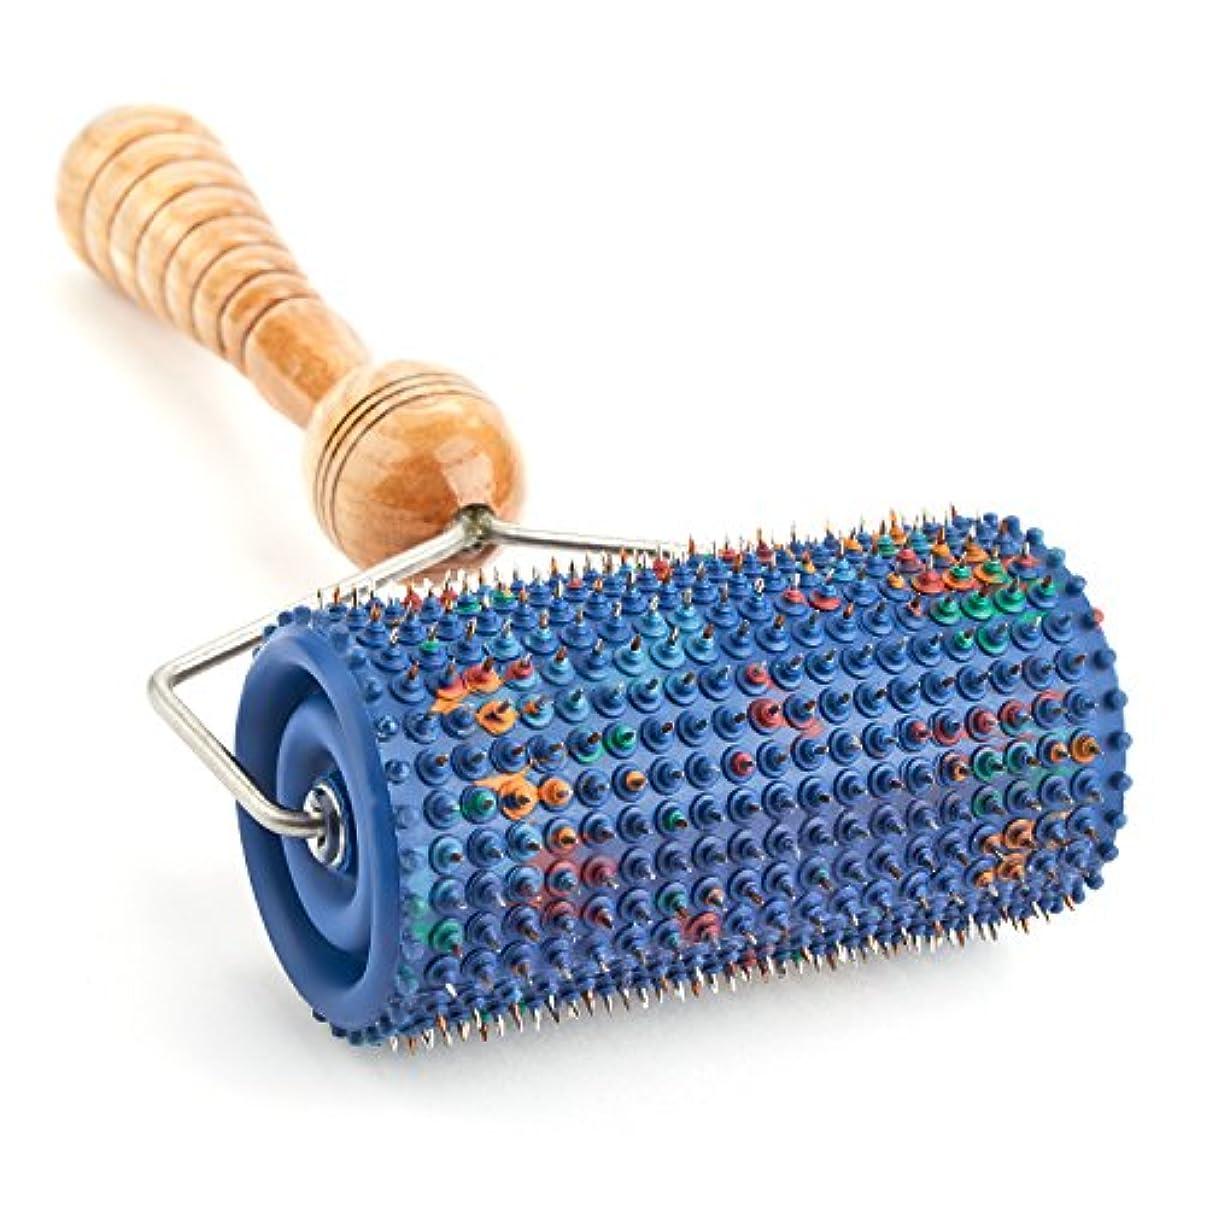 ねばねば持続する地理LYAPKOビッグローラーマッサージャー5.0 シルバーコーティング 指圧570針使用。体の広範囲のマッサージ用。ユニークなアプリケーター治療 セルフ ダイナミック マッサージ ツール Big Roller Massager...